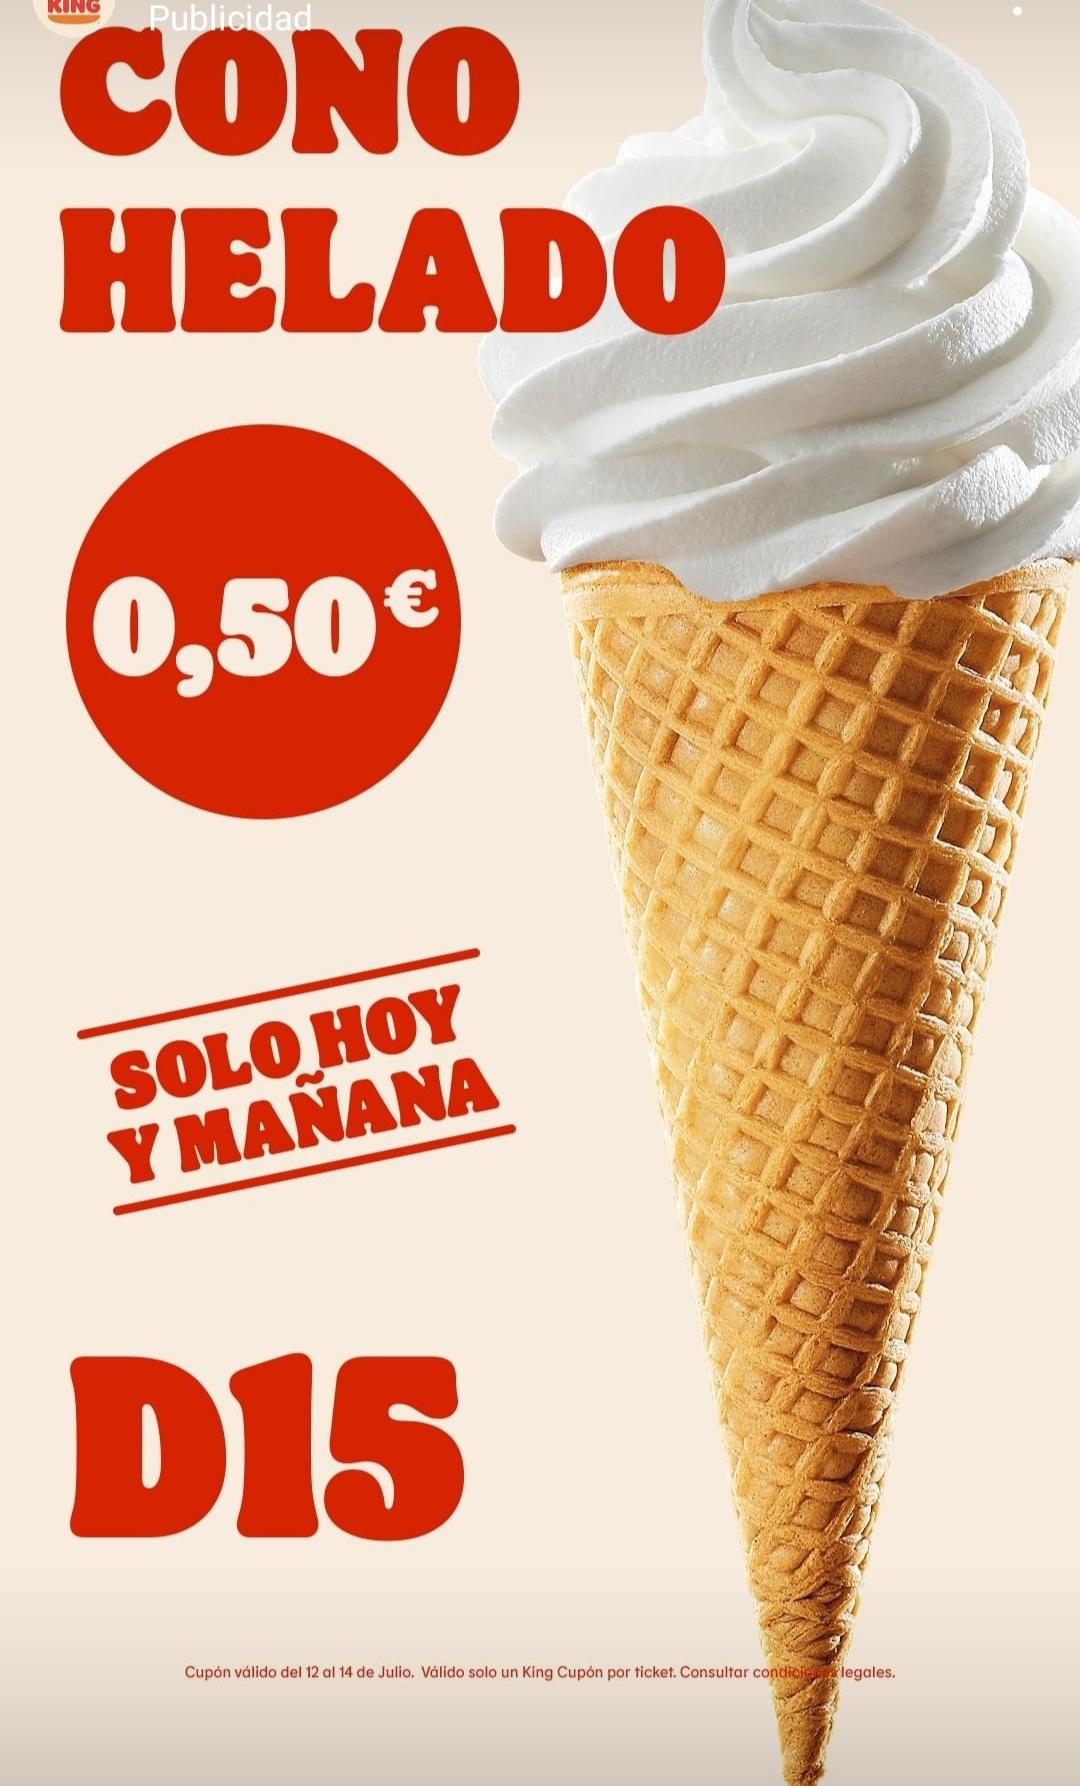 Cono helado a 0.50 centimos en Burger king